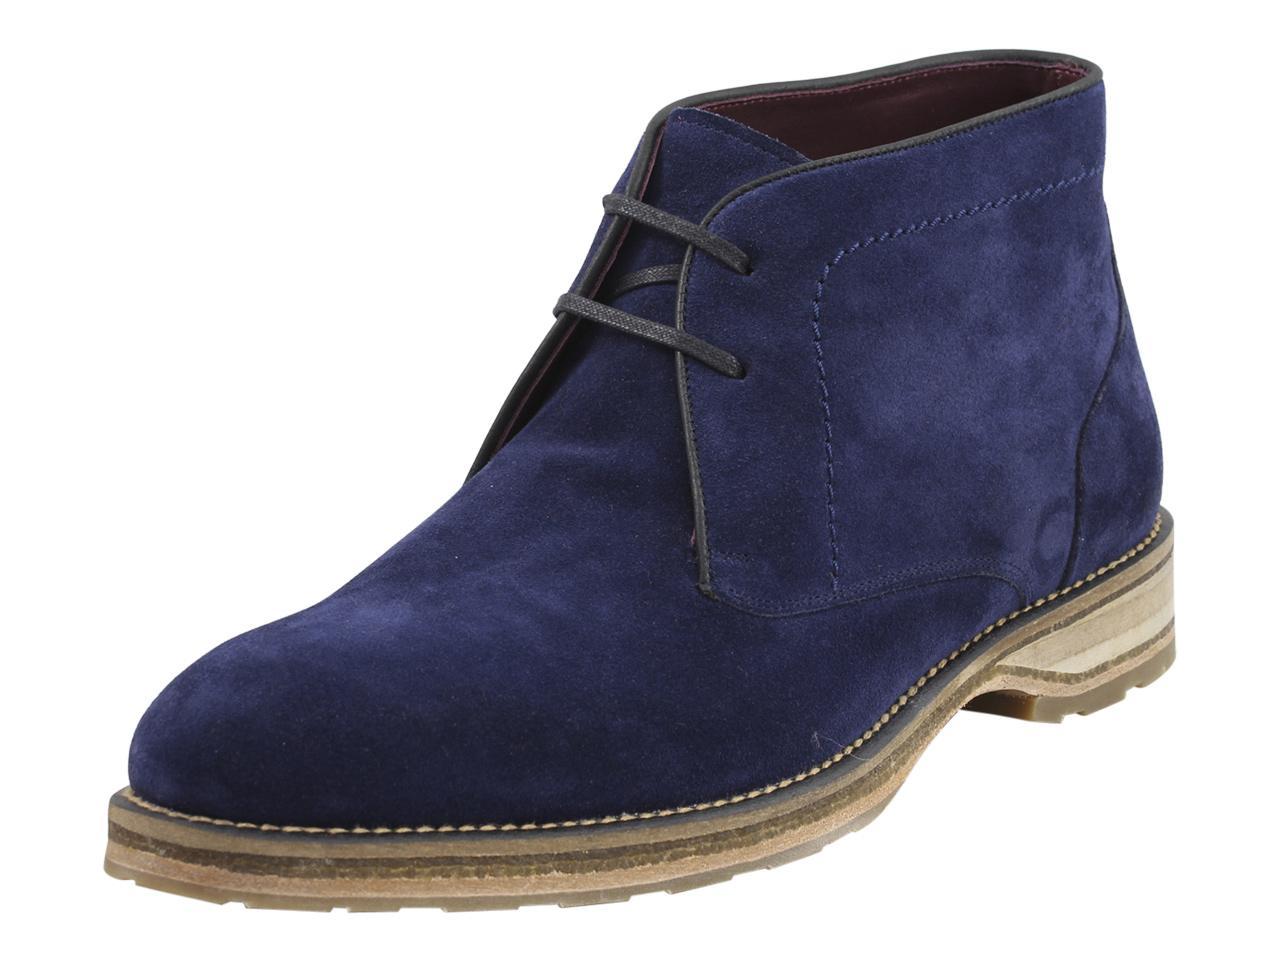 Image of Mezlan Men's Dalias Chukka Boots Shoes - Blue - 12 D(M) US